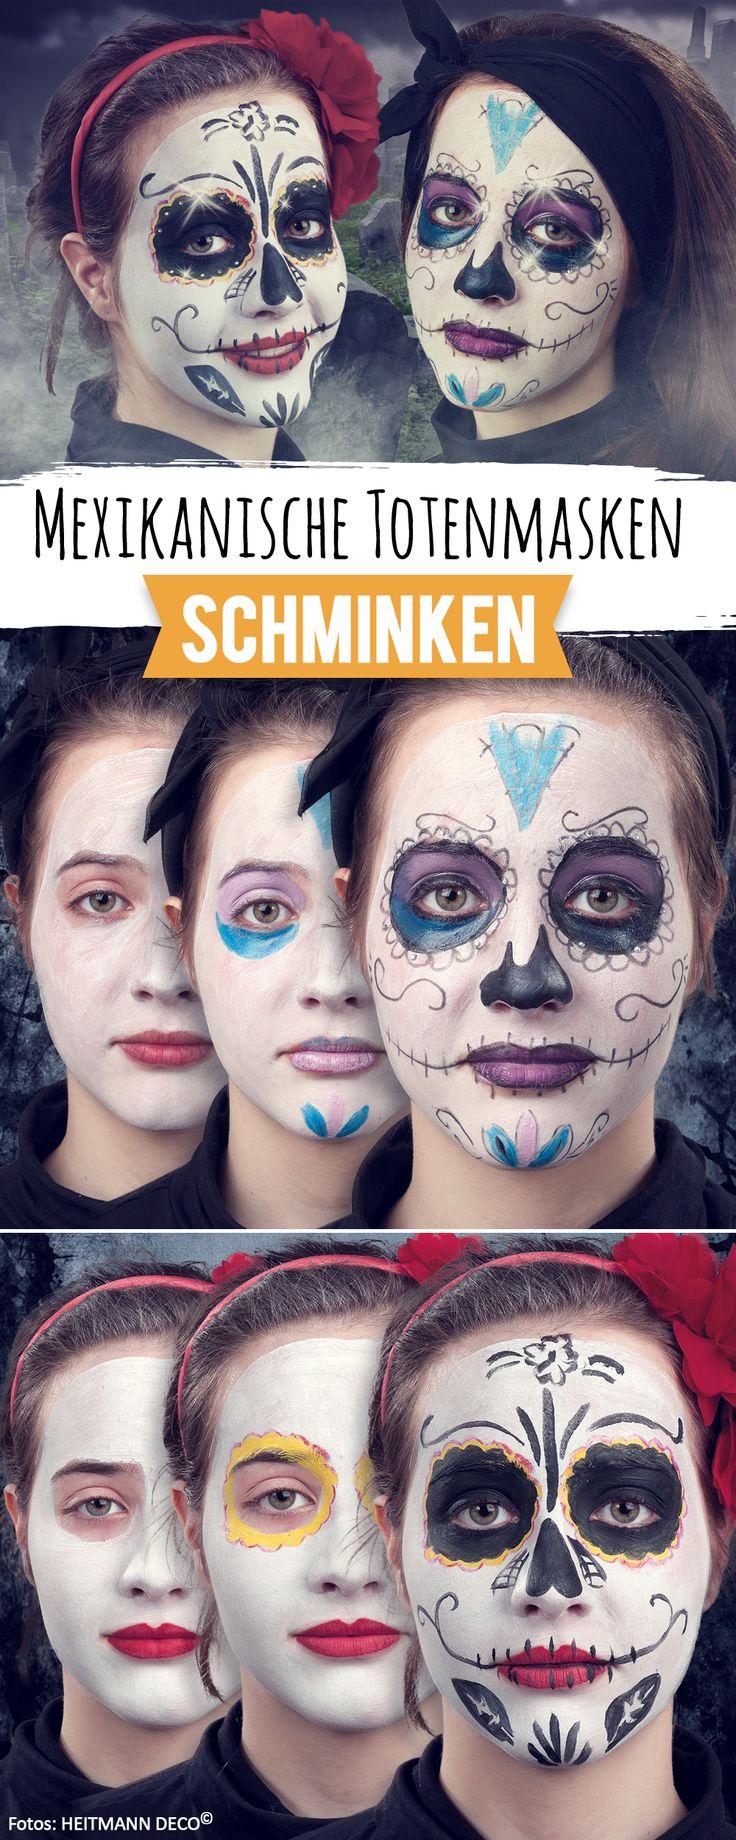 So schmicken Sie Mexikanischen Totenmasken für den Tag der Toten - oder Halloween.